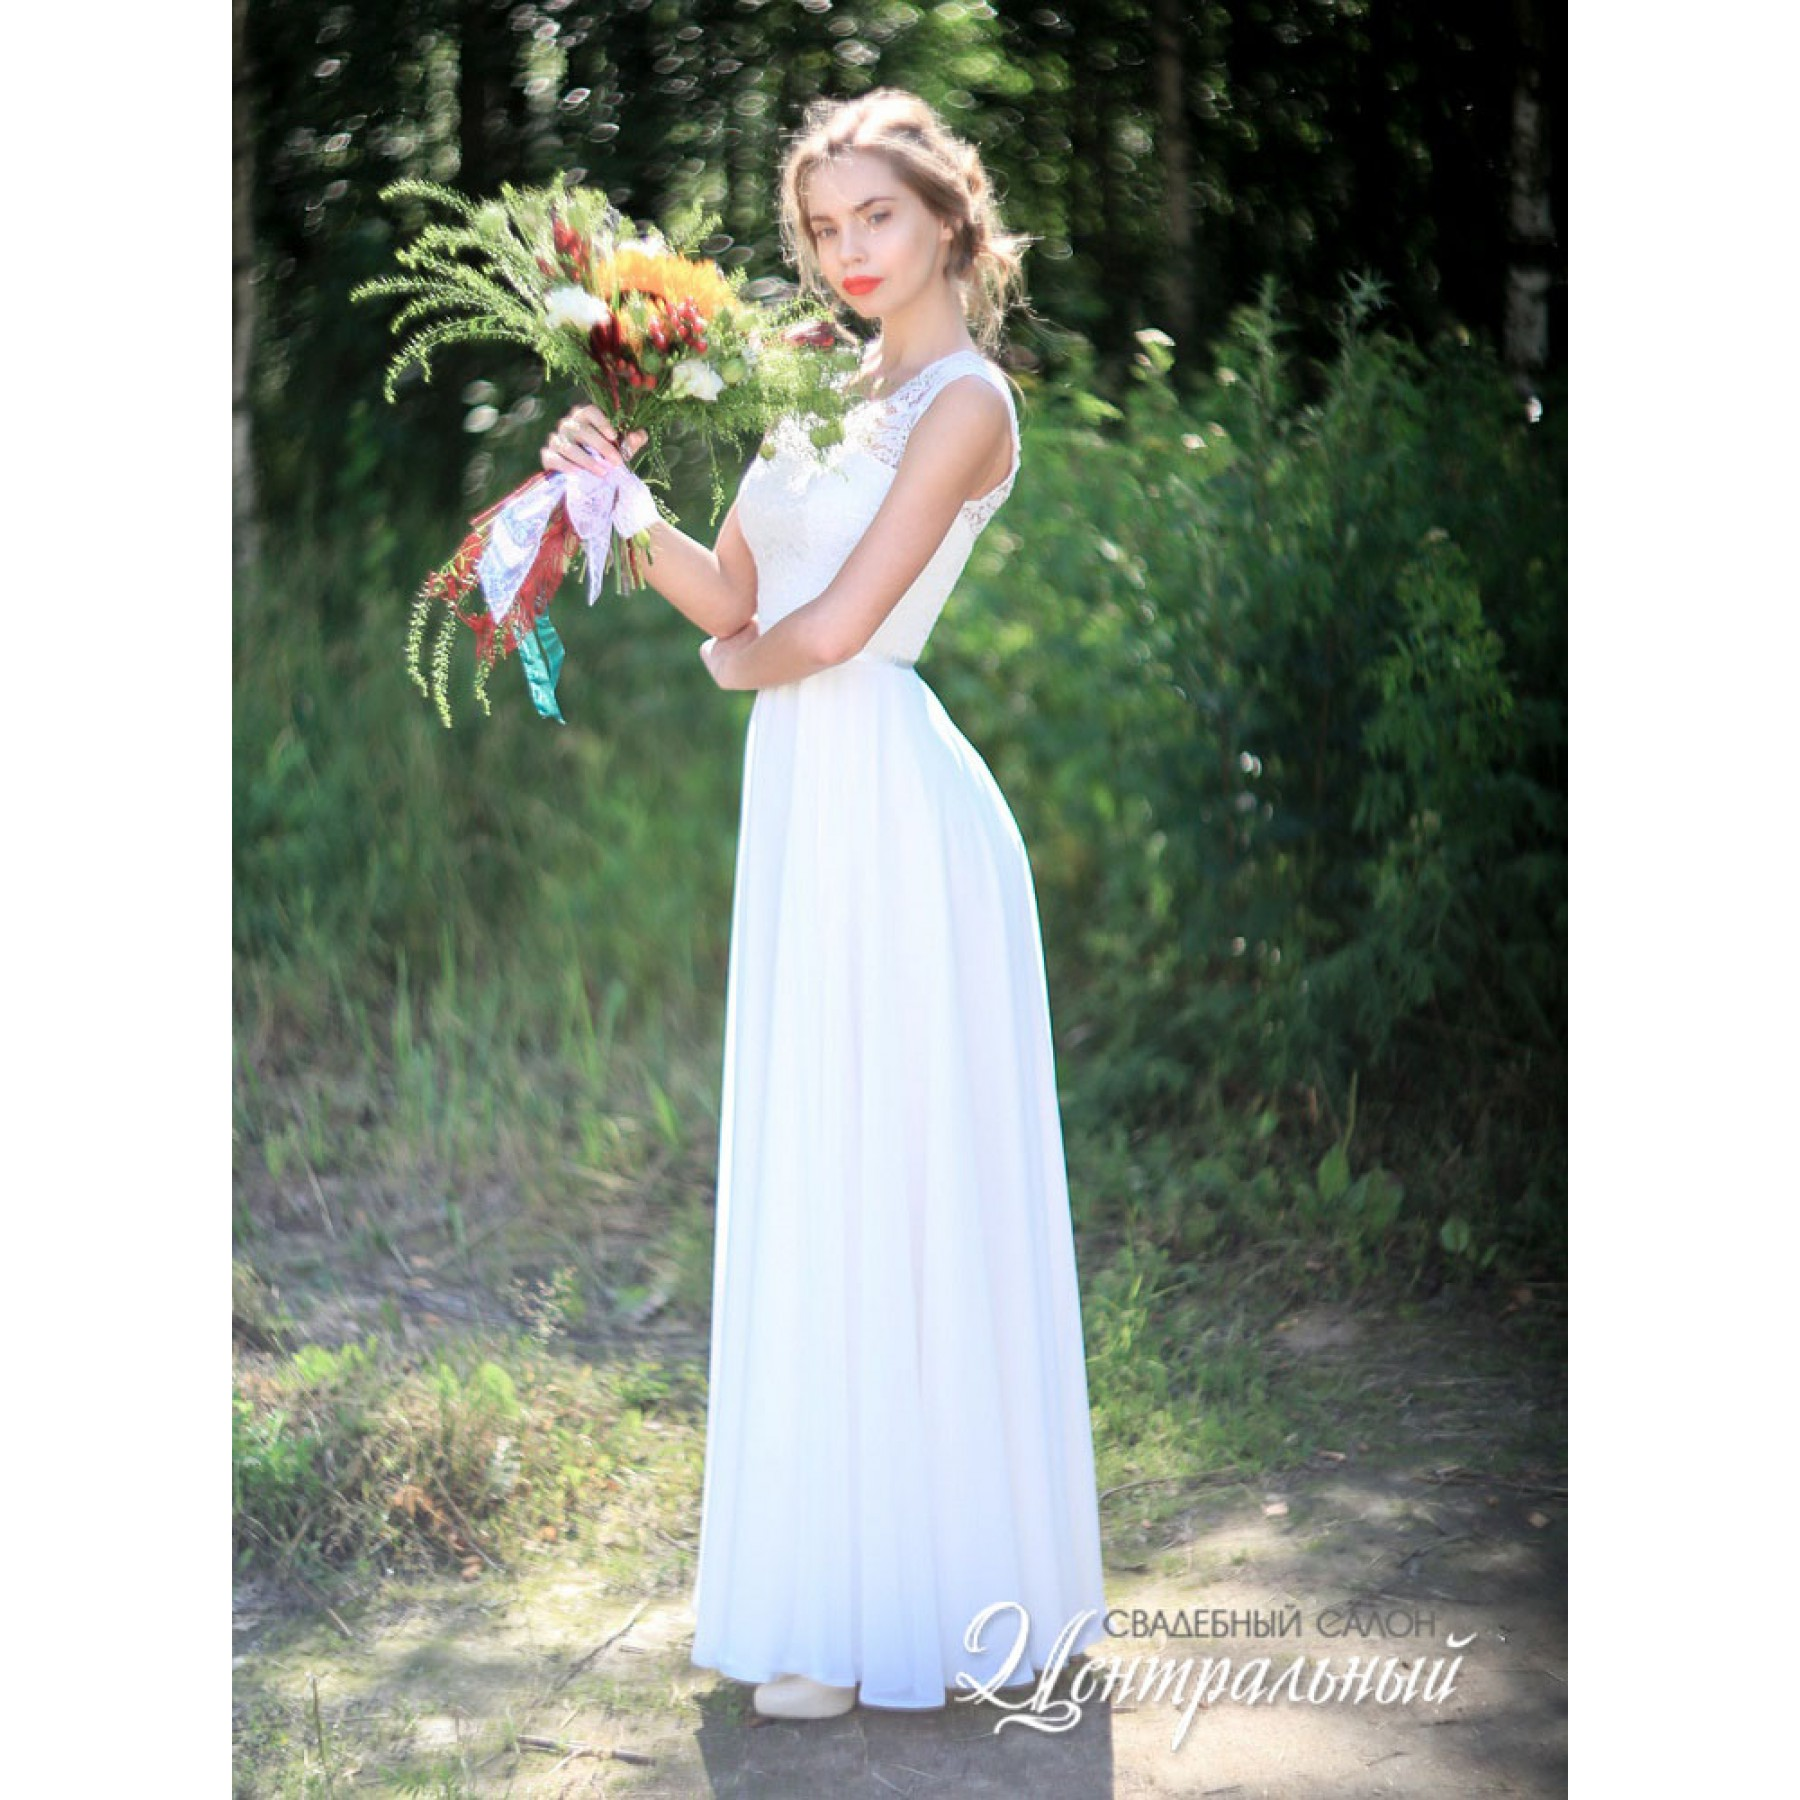 Сон я на в свадебном платье